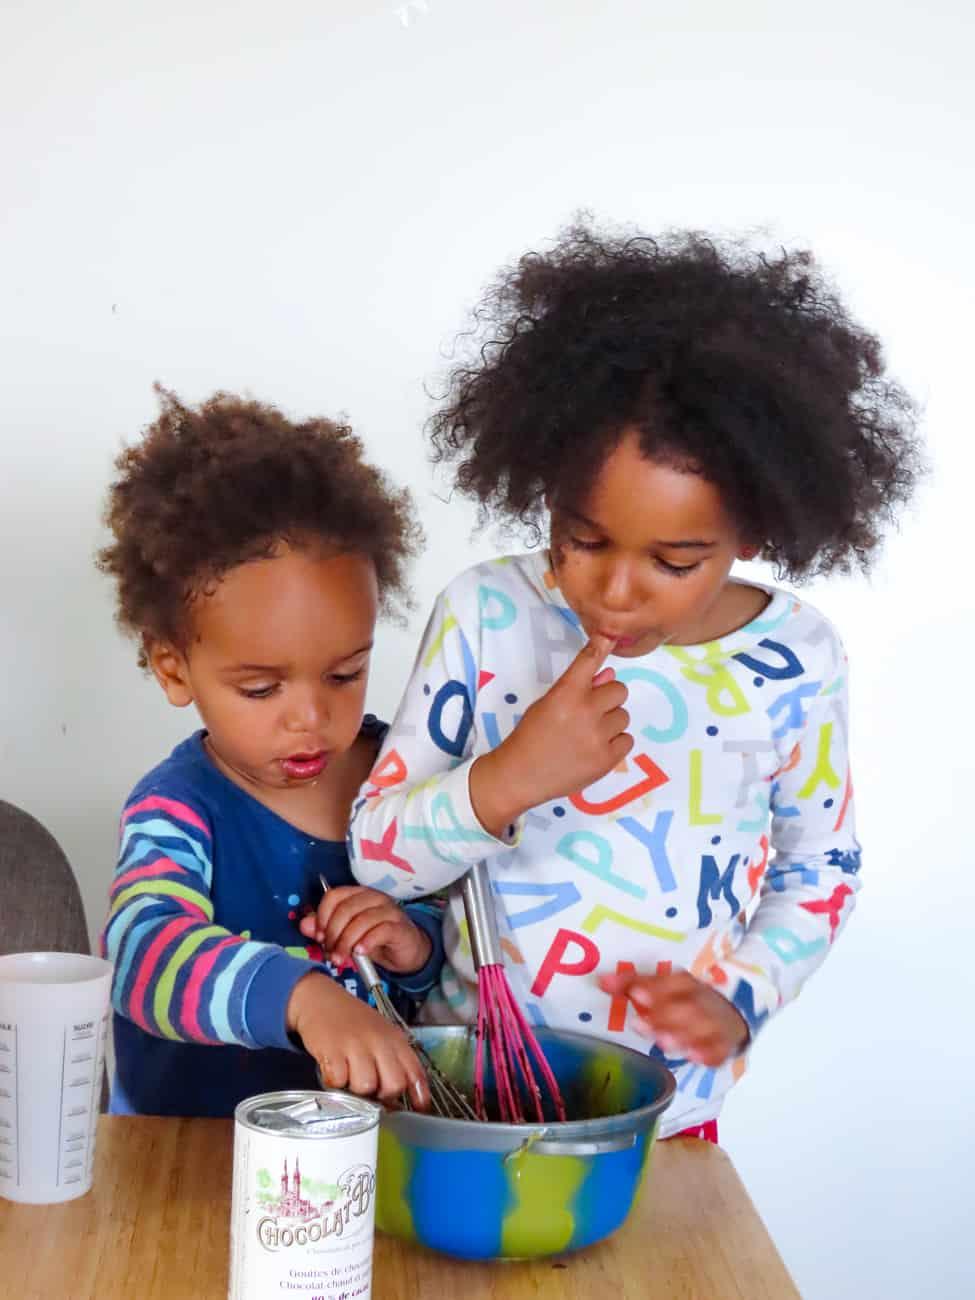 cuisiner-avec-enfants-recettes-19